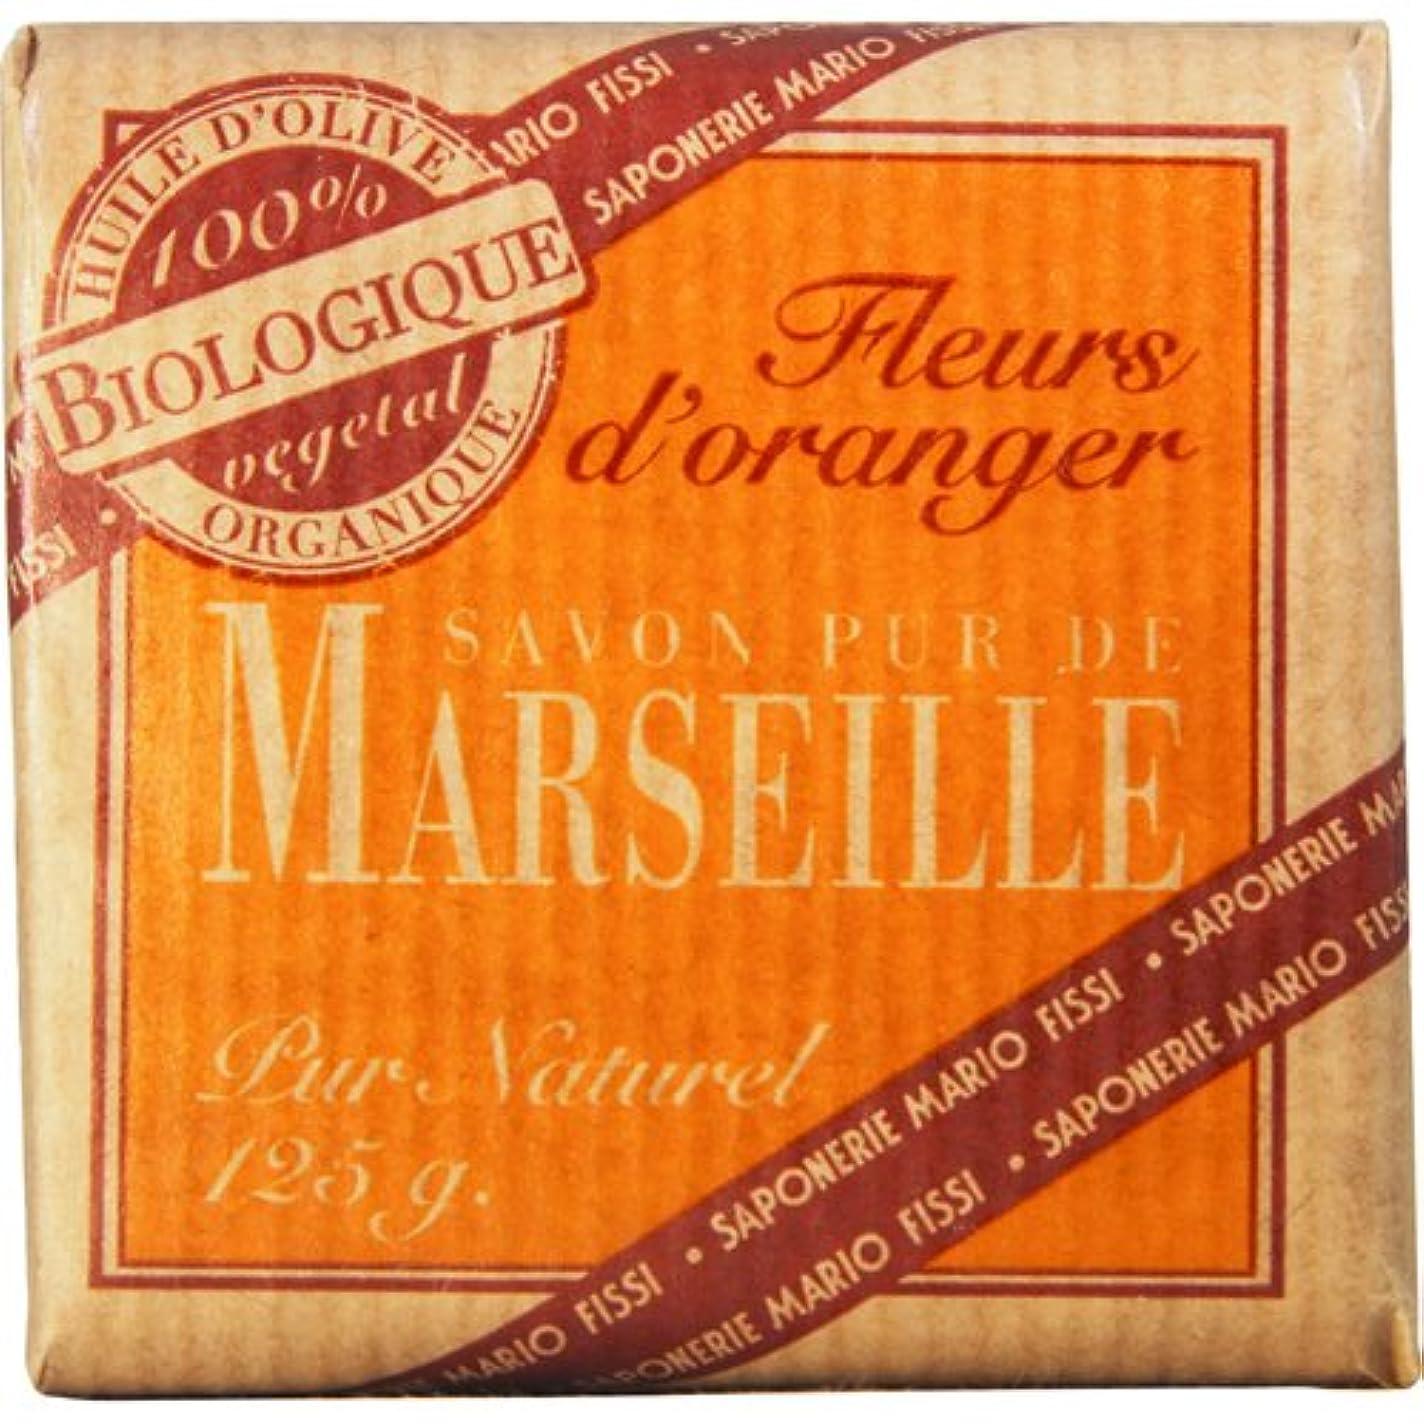 粒子サイドボード関連するSaponerire Fissi マルセイユシリーズ マルセイユソープ 125g Orange Flower オレンジフラワー